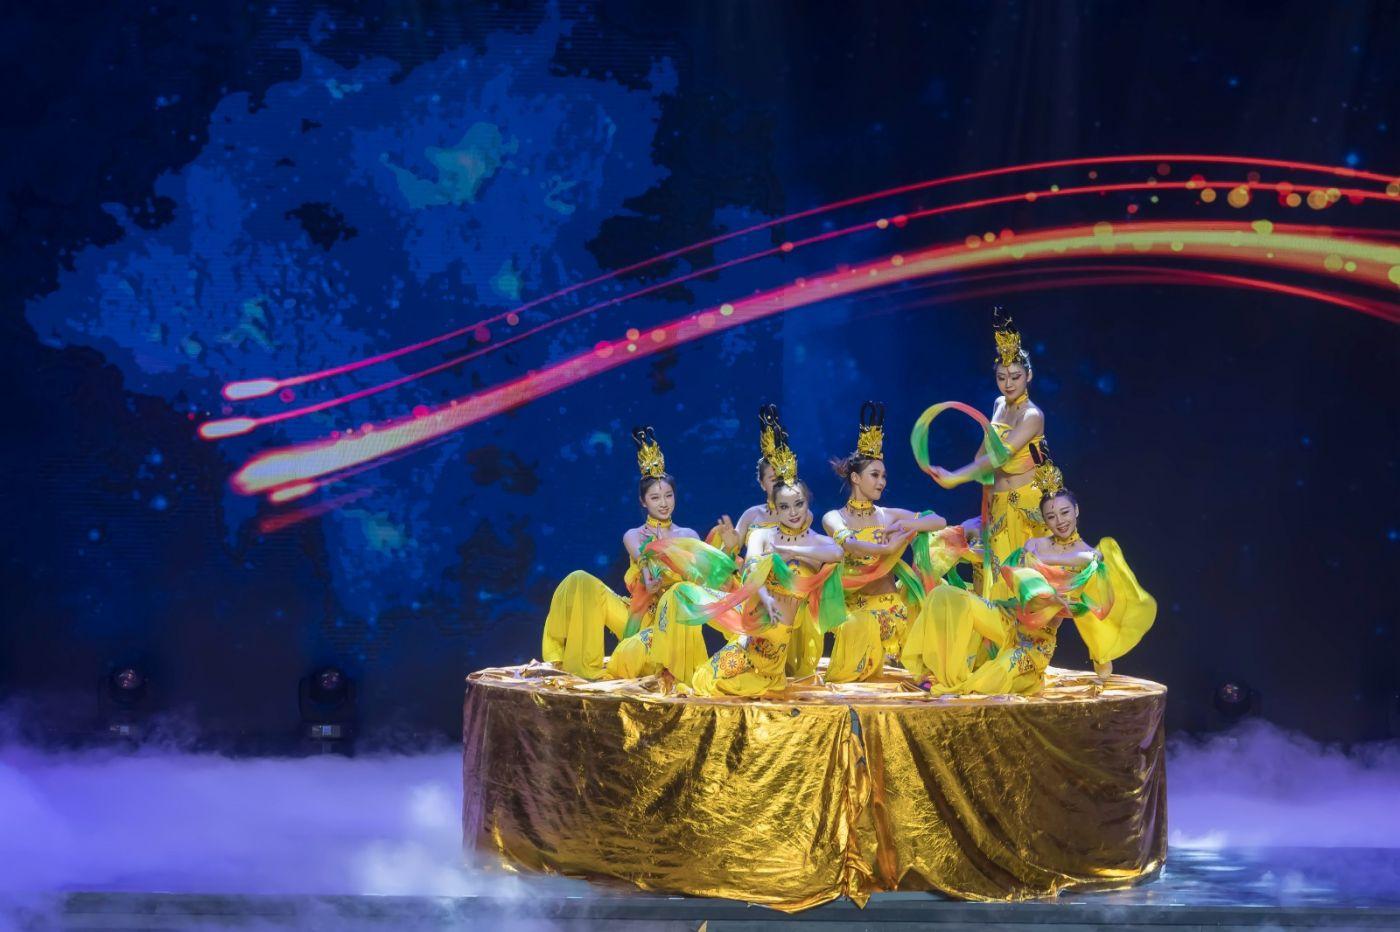 沂蒙大地上 有一种舞蹈叫飞天 这是几位临沂女孩的杰作 美轮美奂 ..._图1-35